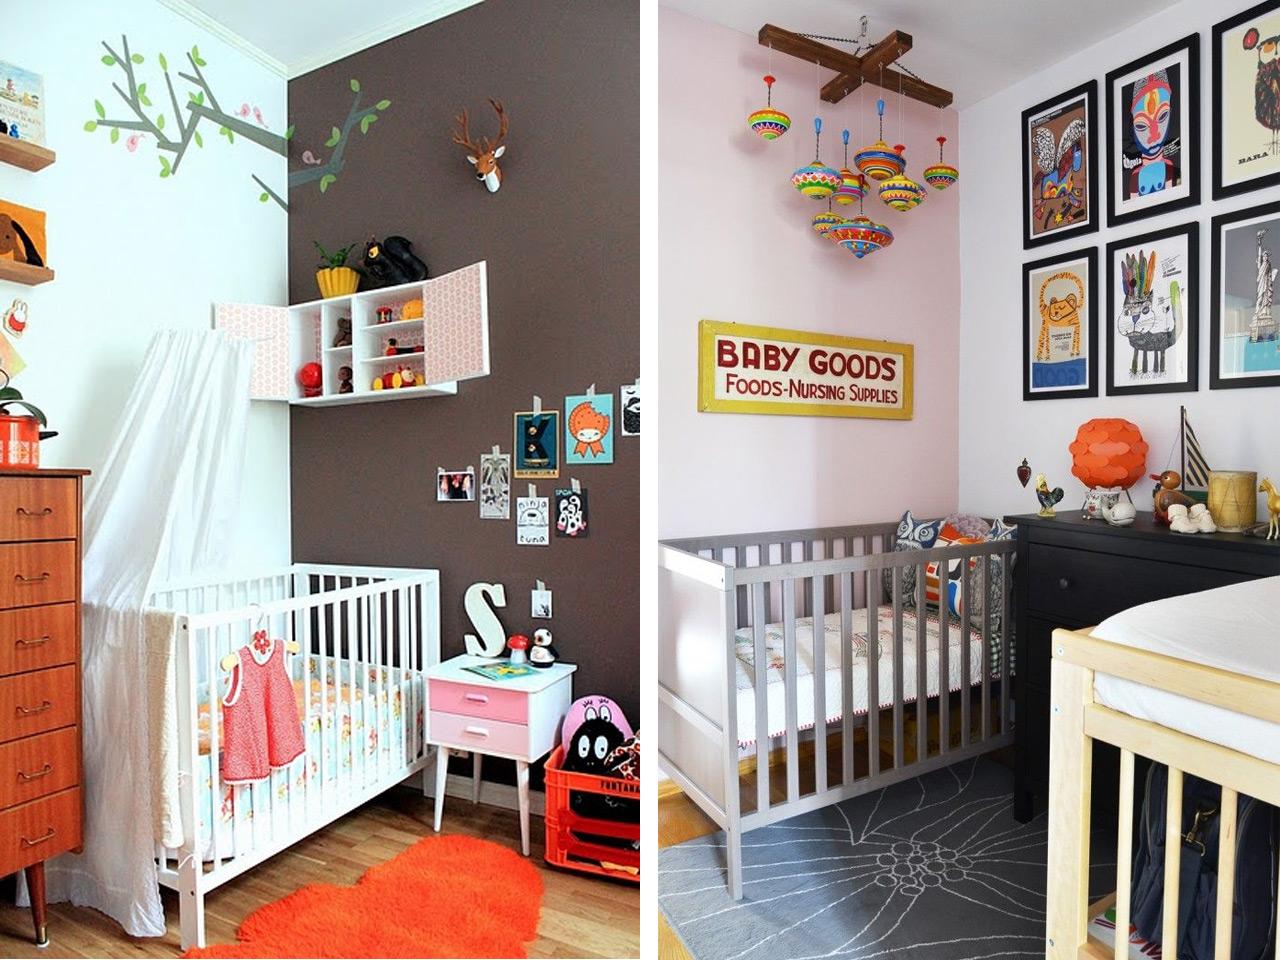 Ideas originales para decorar la habitaci n del bebe - Decorar la habitacion del bebe ...